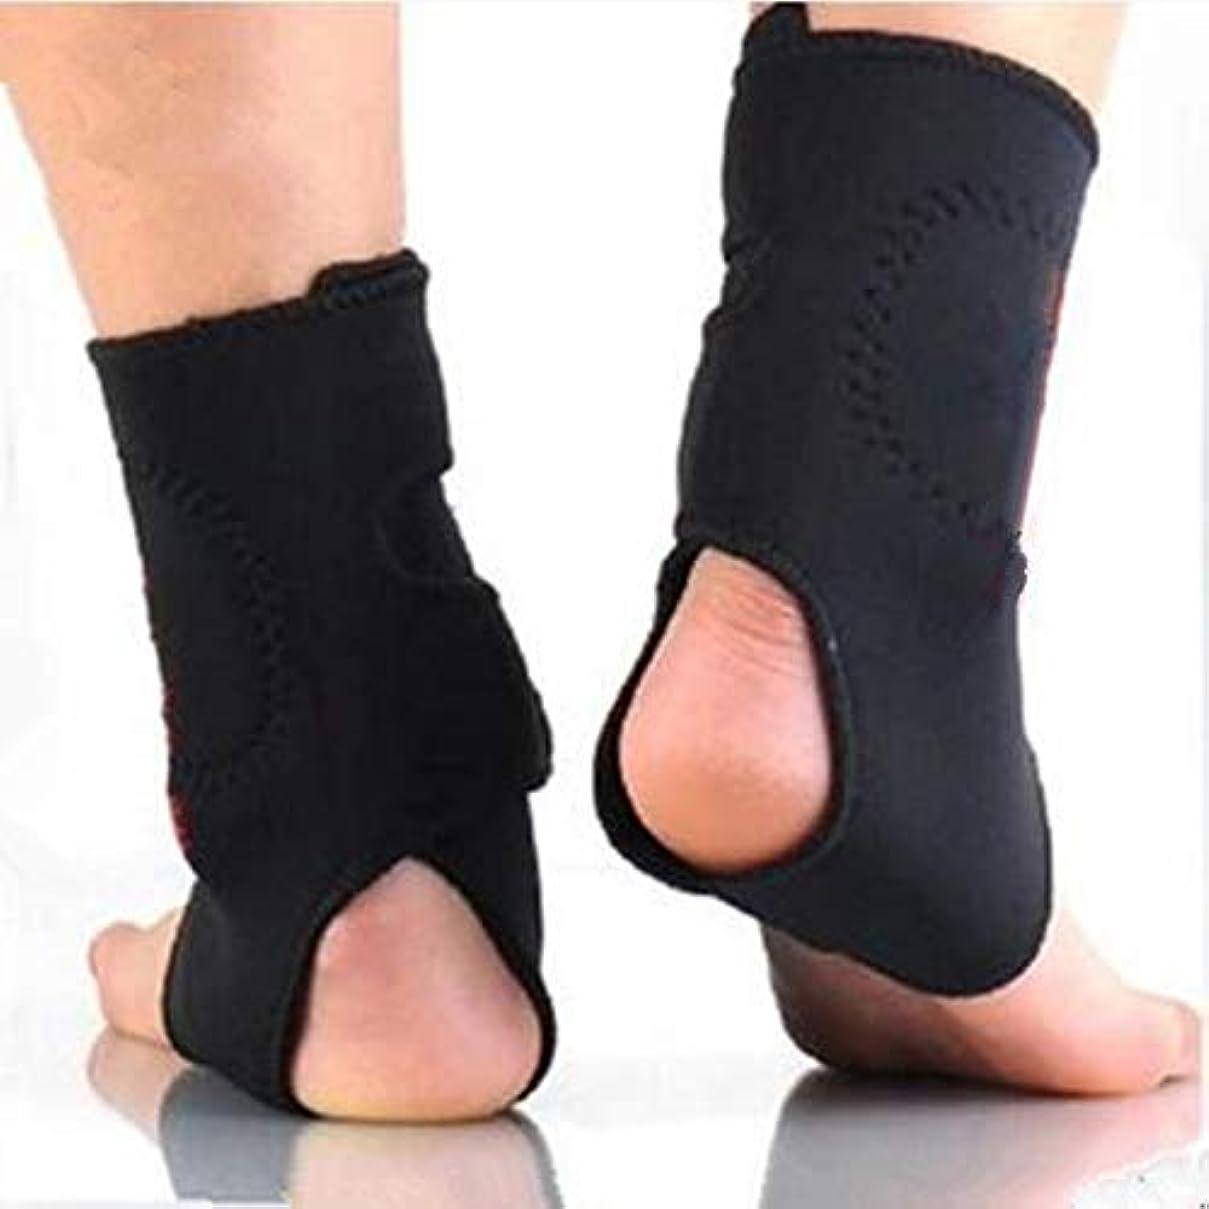 担保暗黙任命する2 ピース 自己発熱 トルマリン 遠赤外線磁気治療足首のサポートブレースマッサージャー 痛みリリーフ